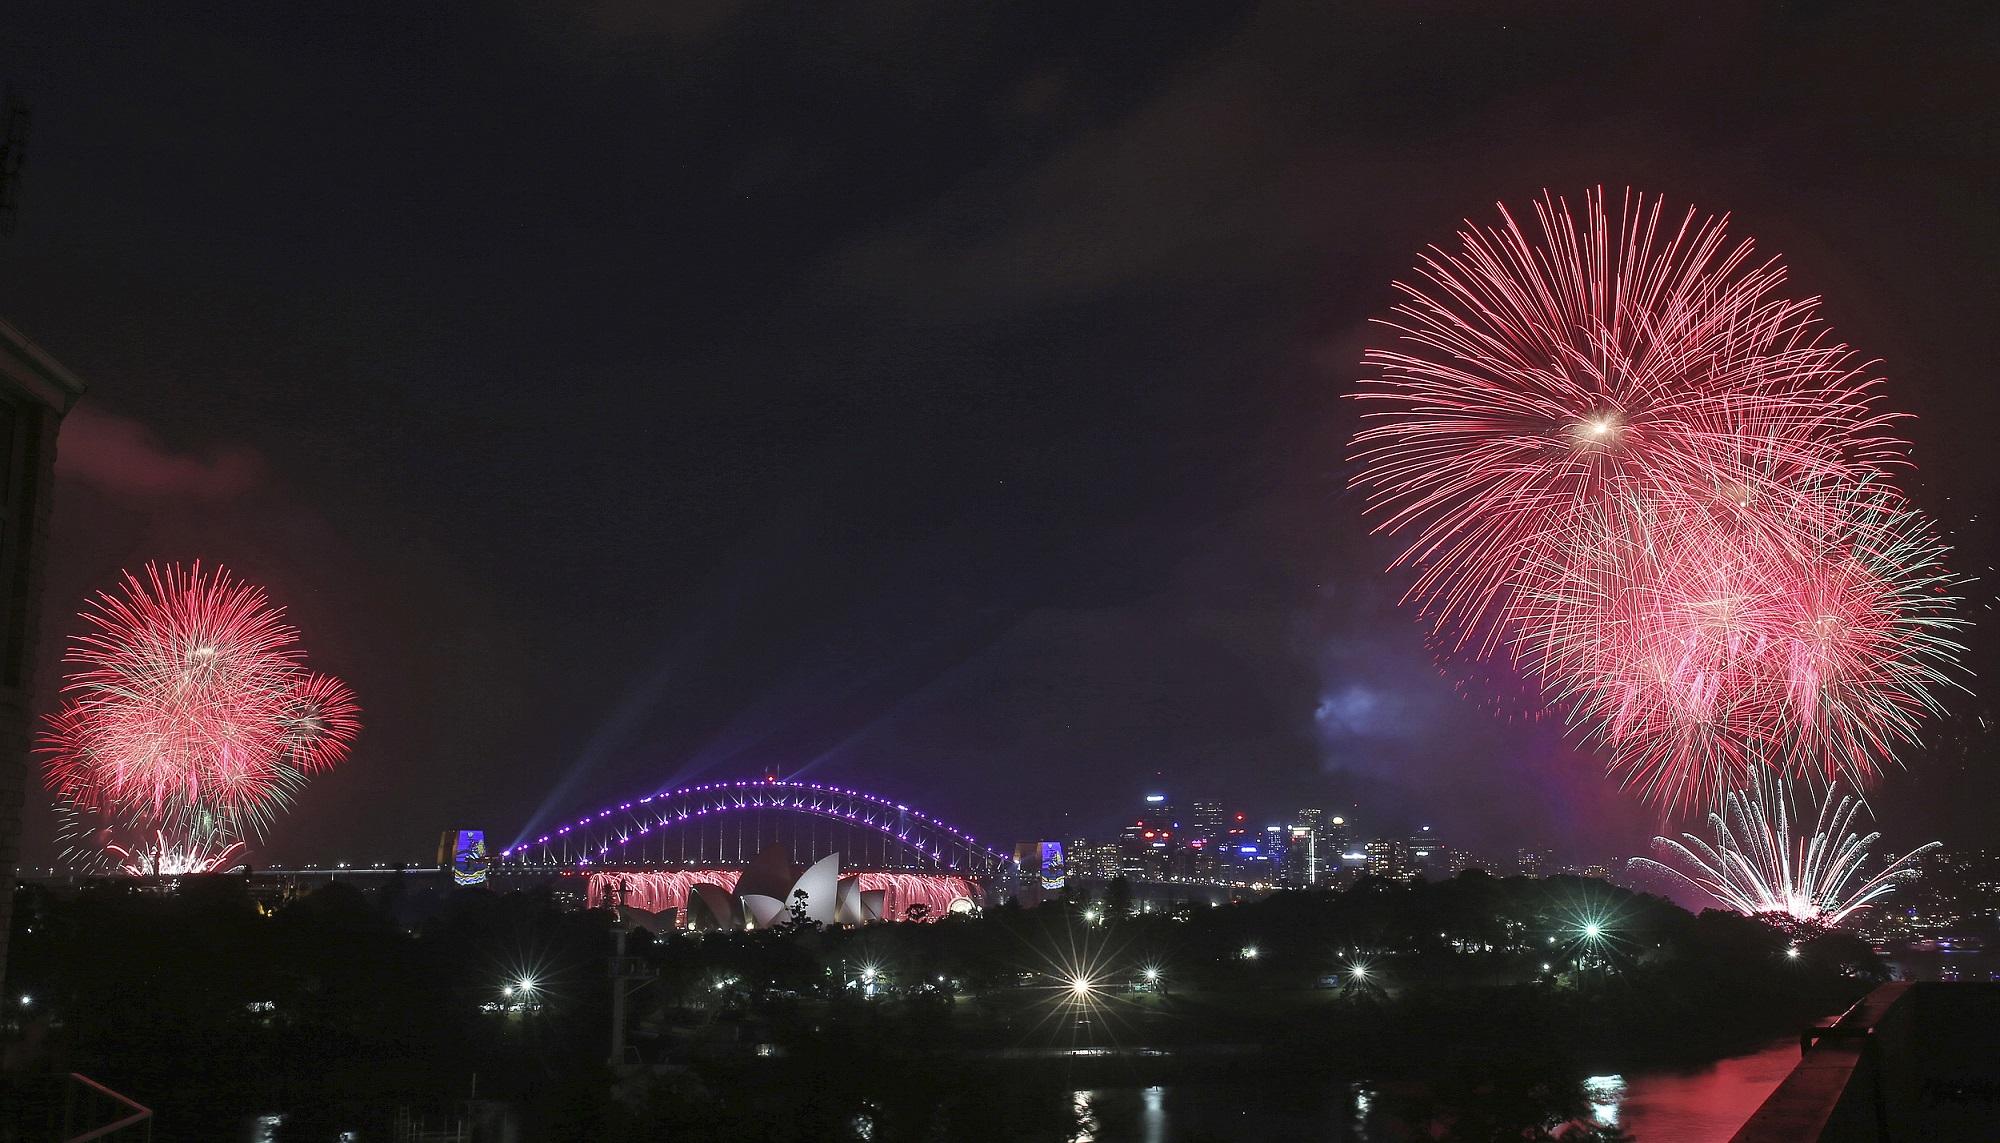 澳洲雪梨跨年煙火(圖片來源:美聯社)